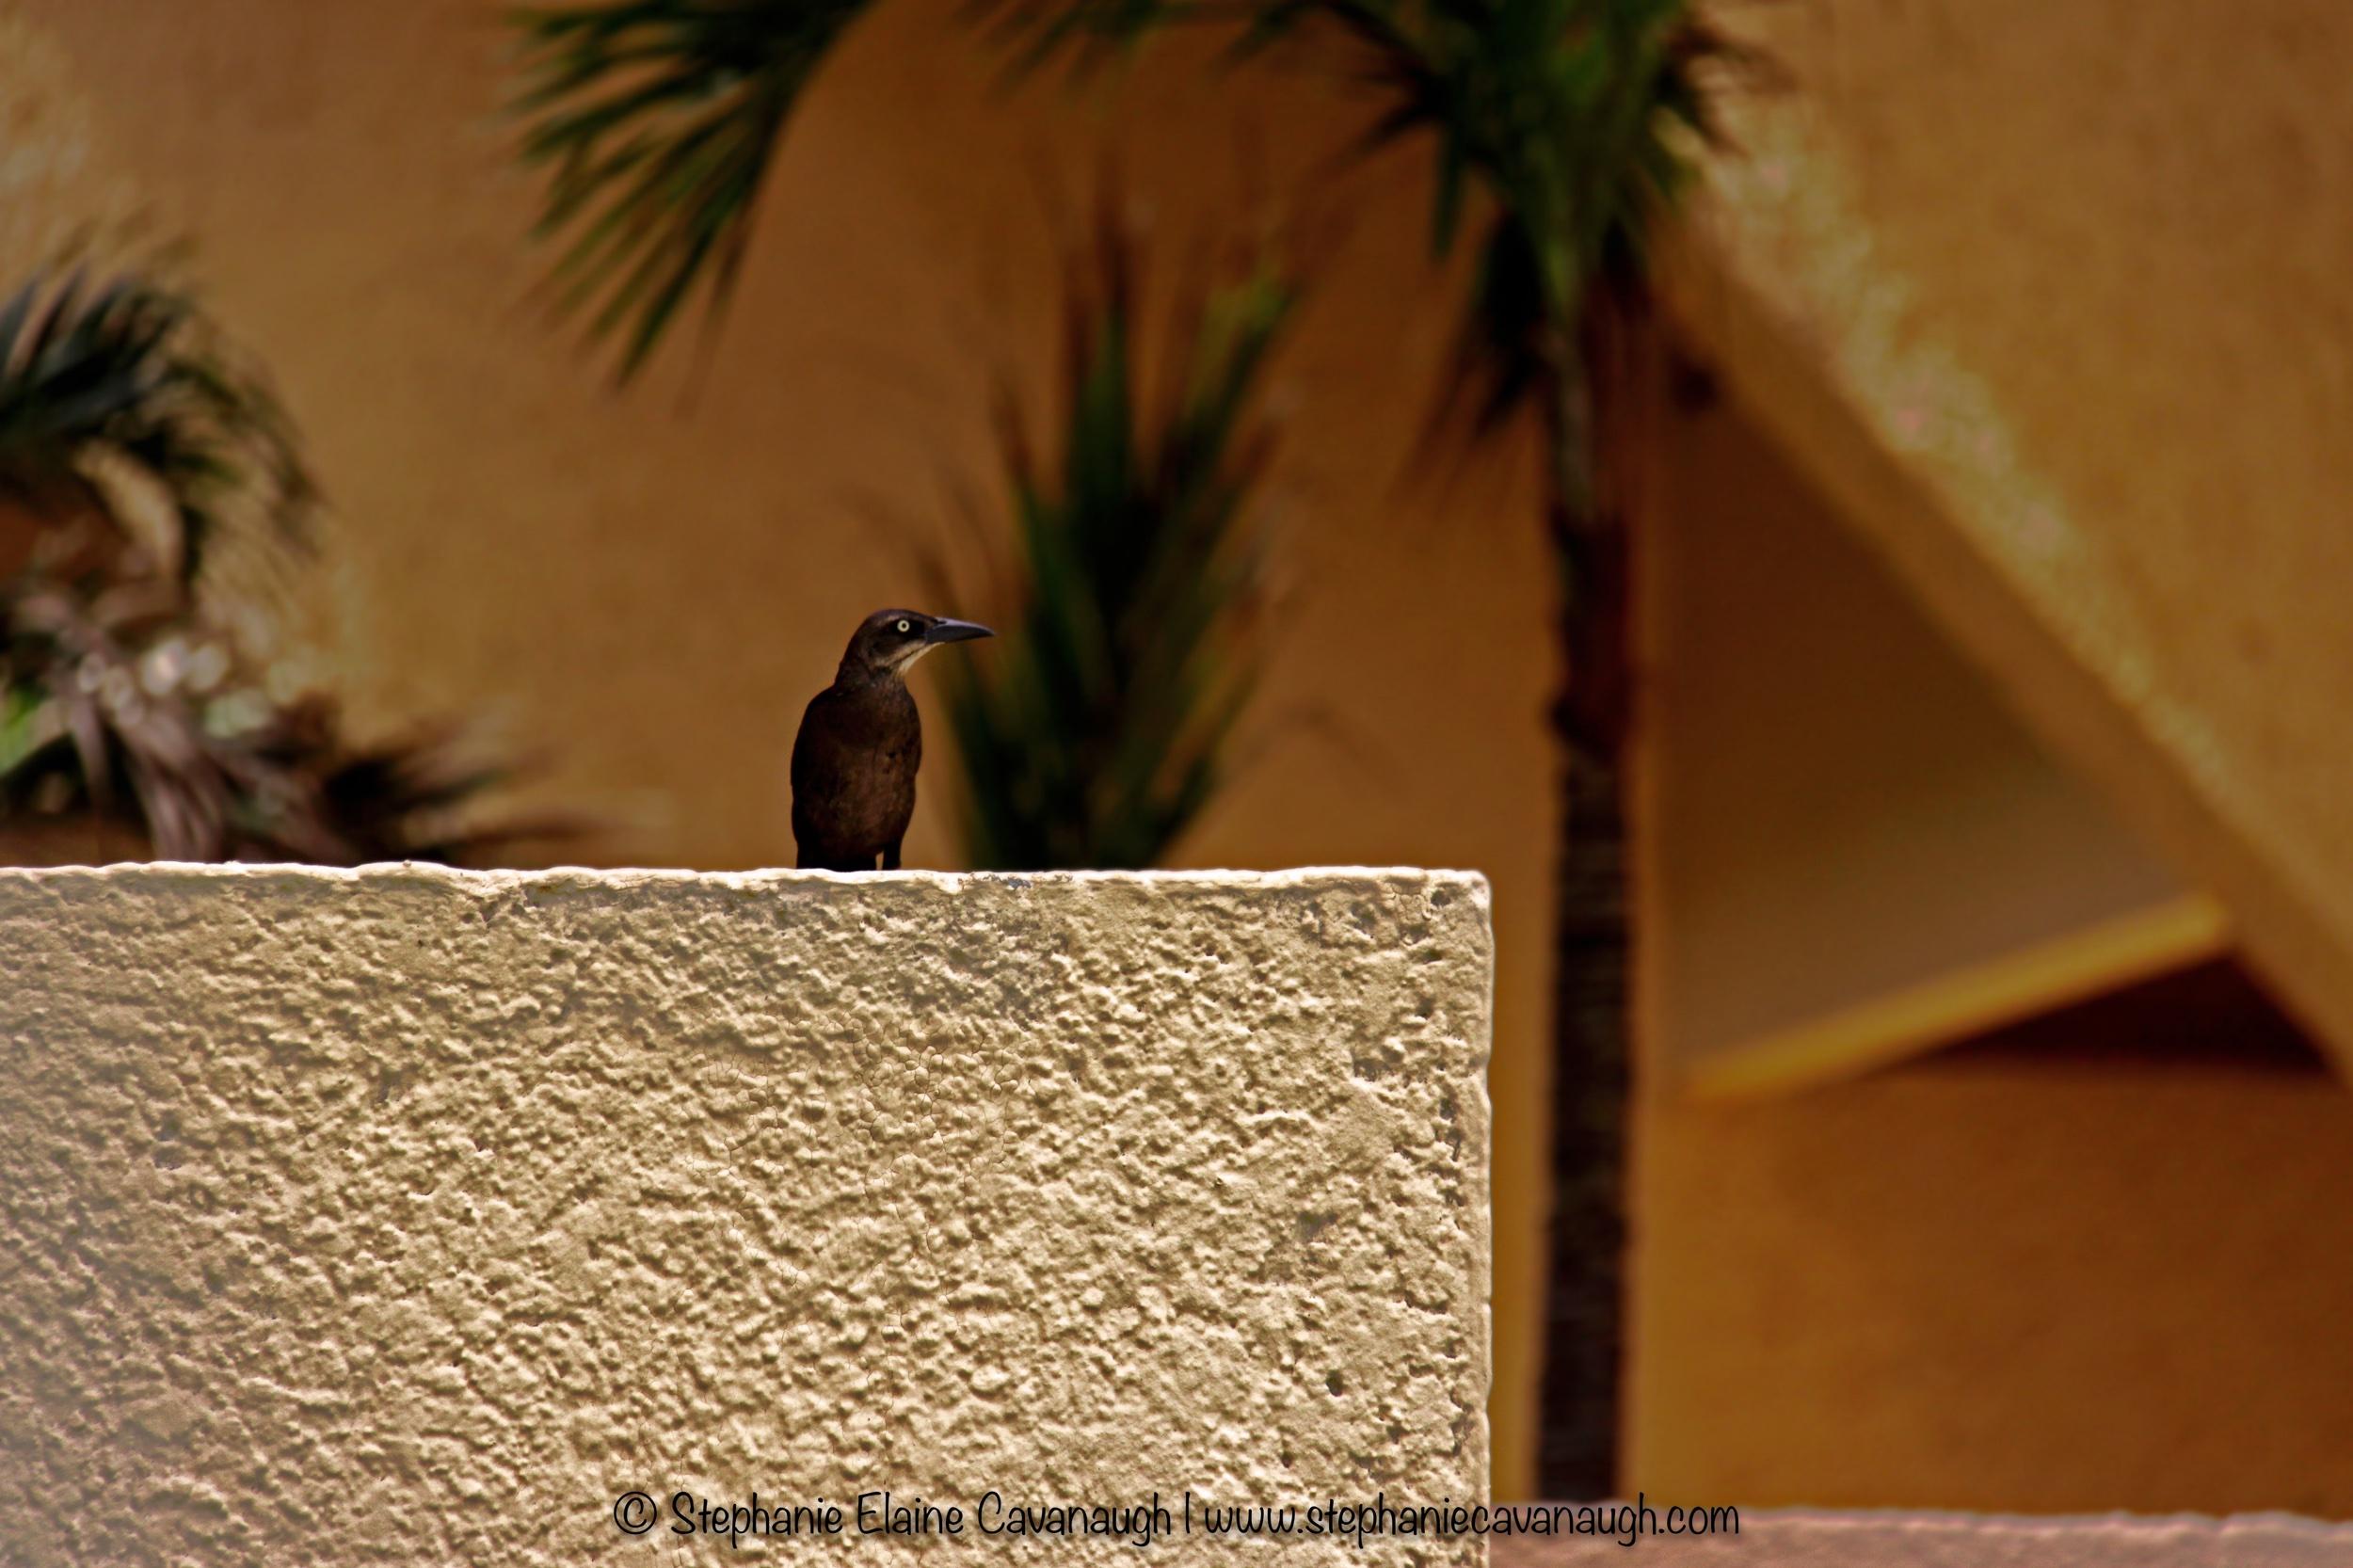 Tropical Bird, © Stephanie Elaine Cavanaugh